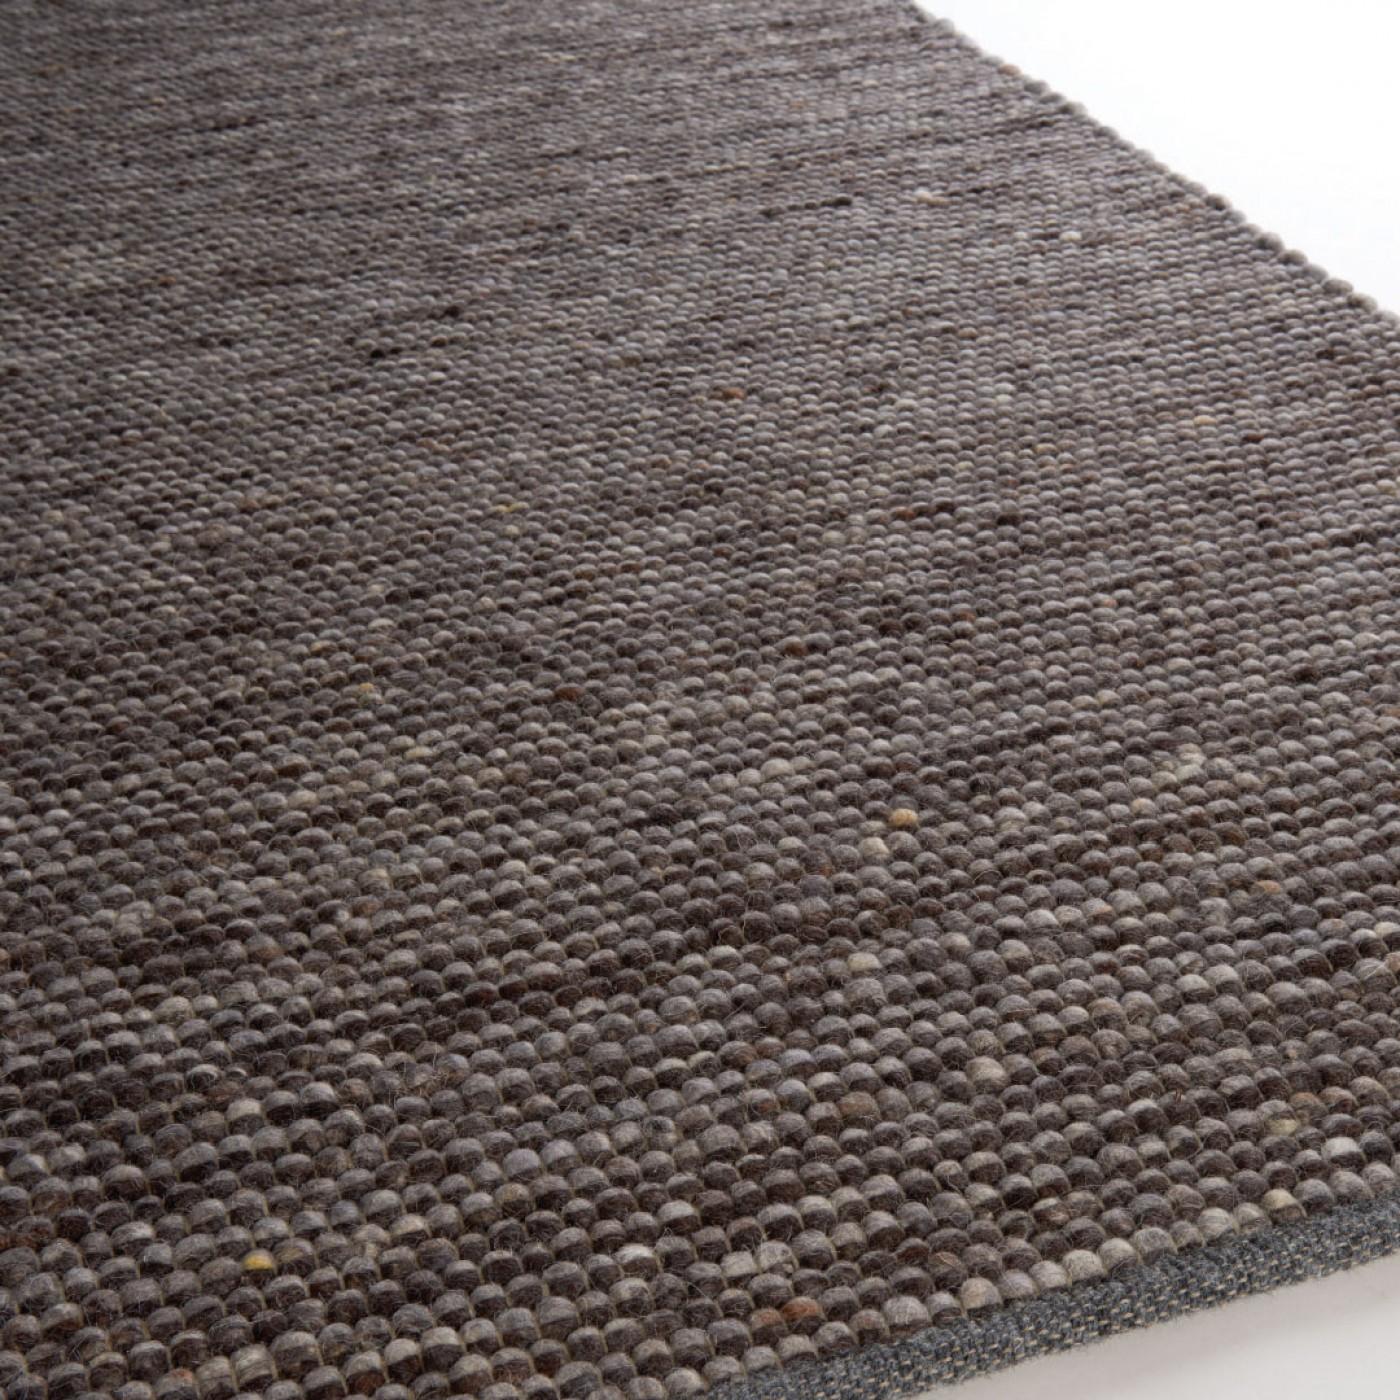 vloerkleed cliff brinker carpets 809